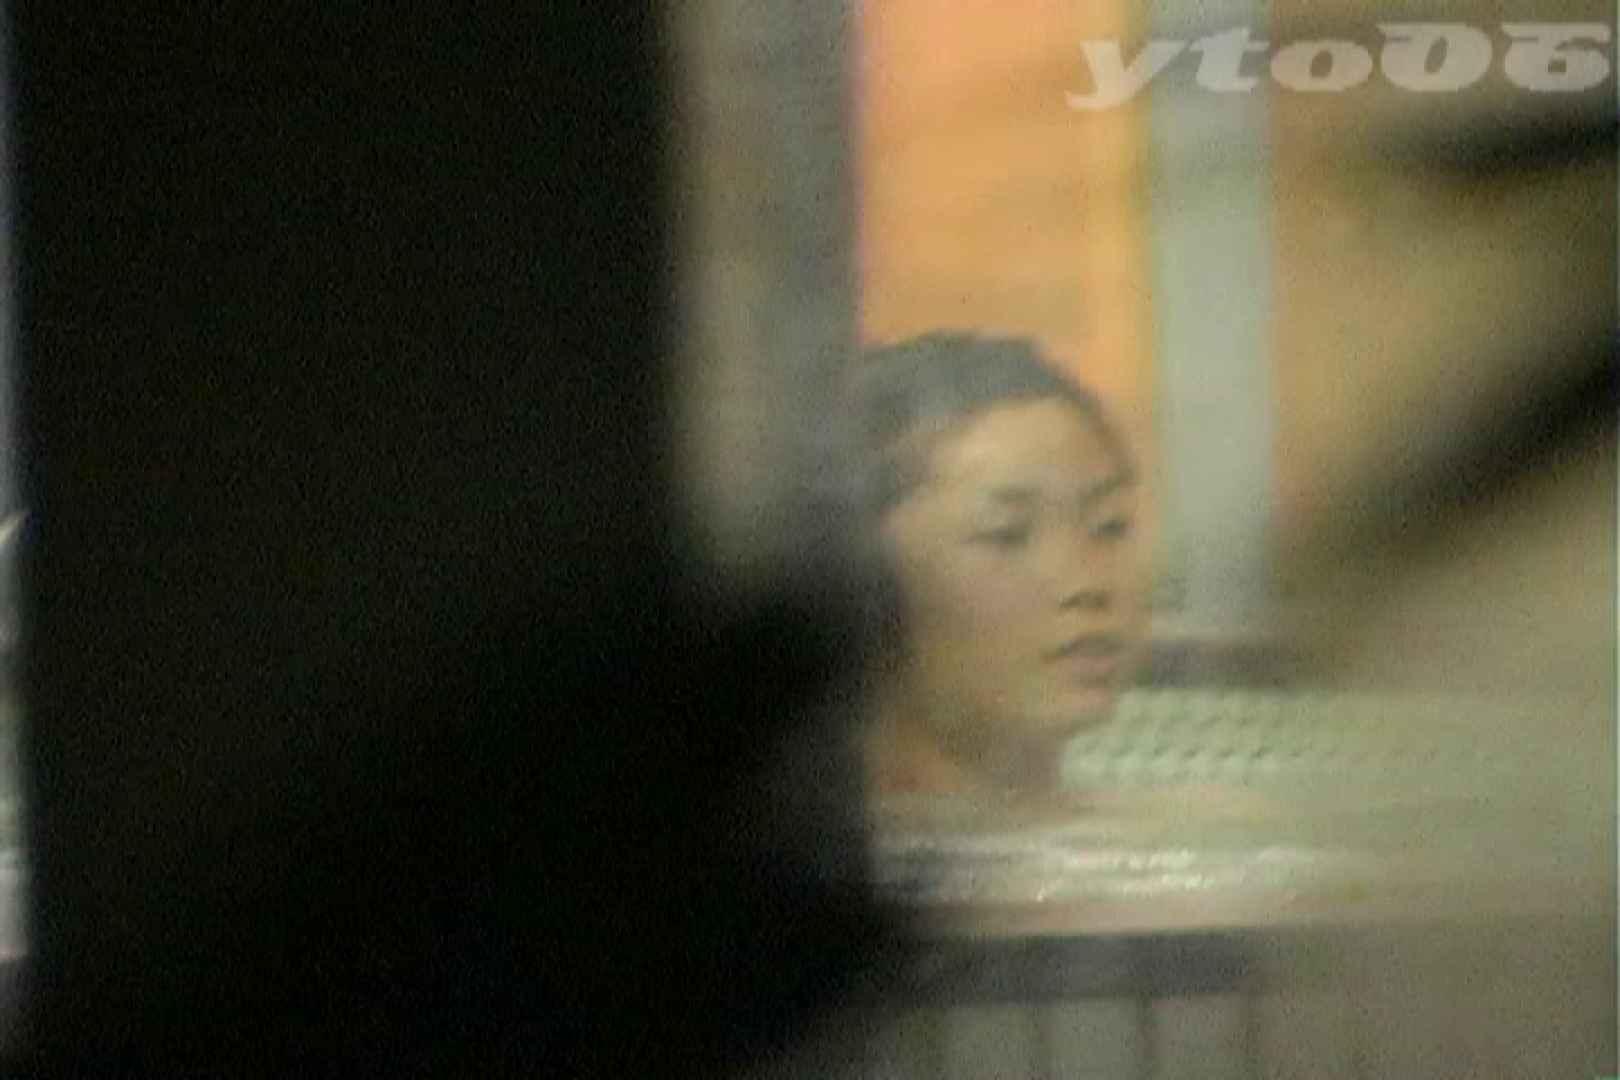 ▲復活限定▲合宿ホテル女風呂盗撮 Vol.36 盗撮  113pic 22